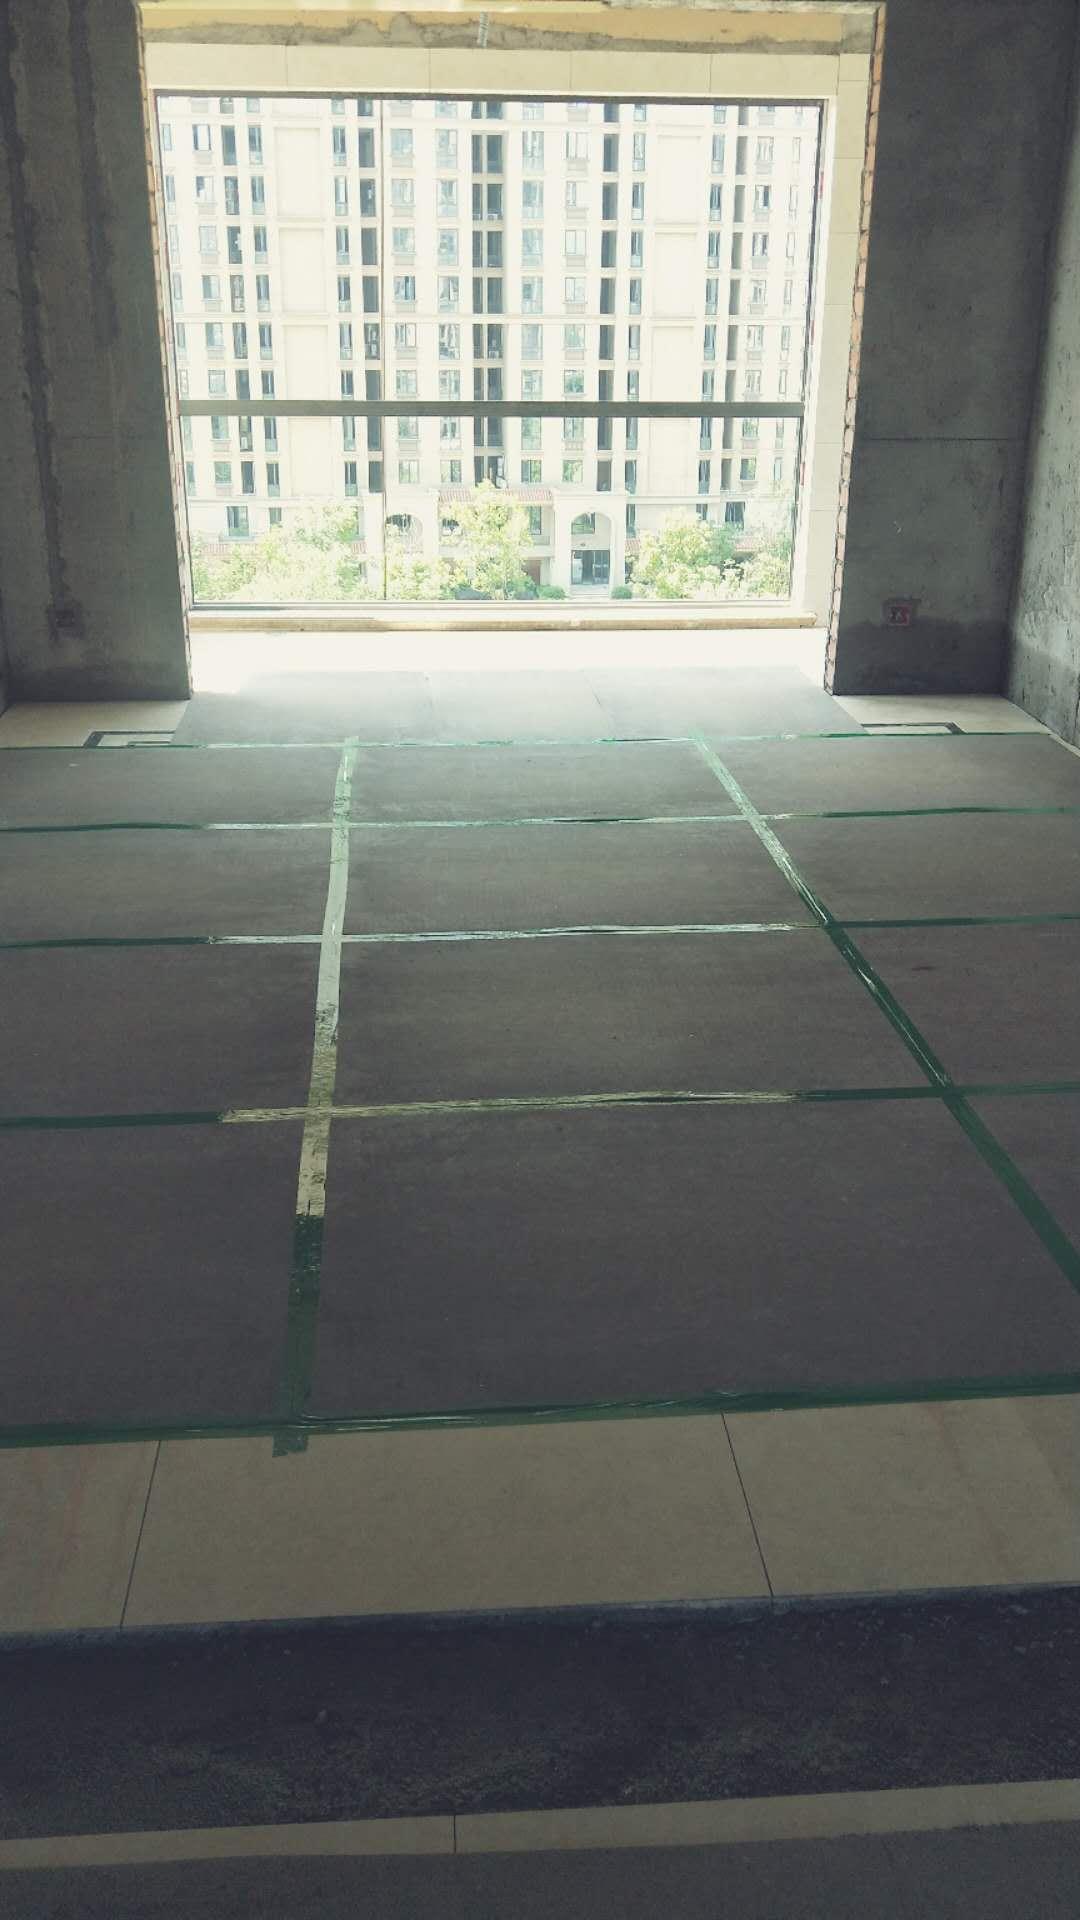 新中义凯莱花宛墙地砖施工中装修案例